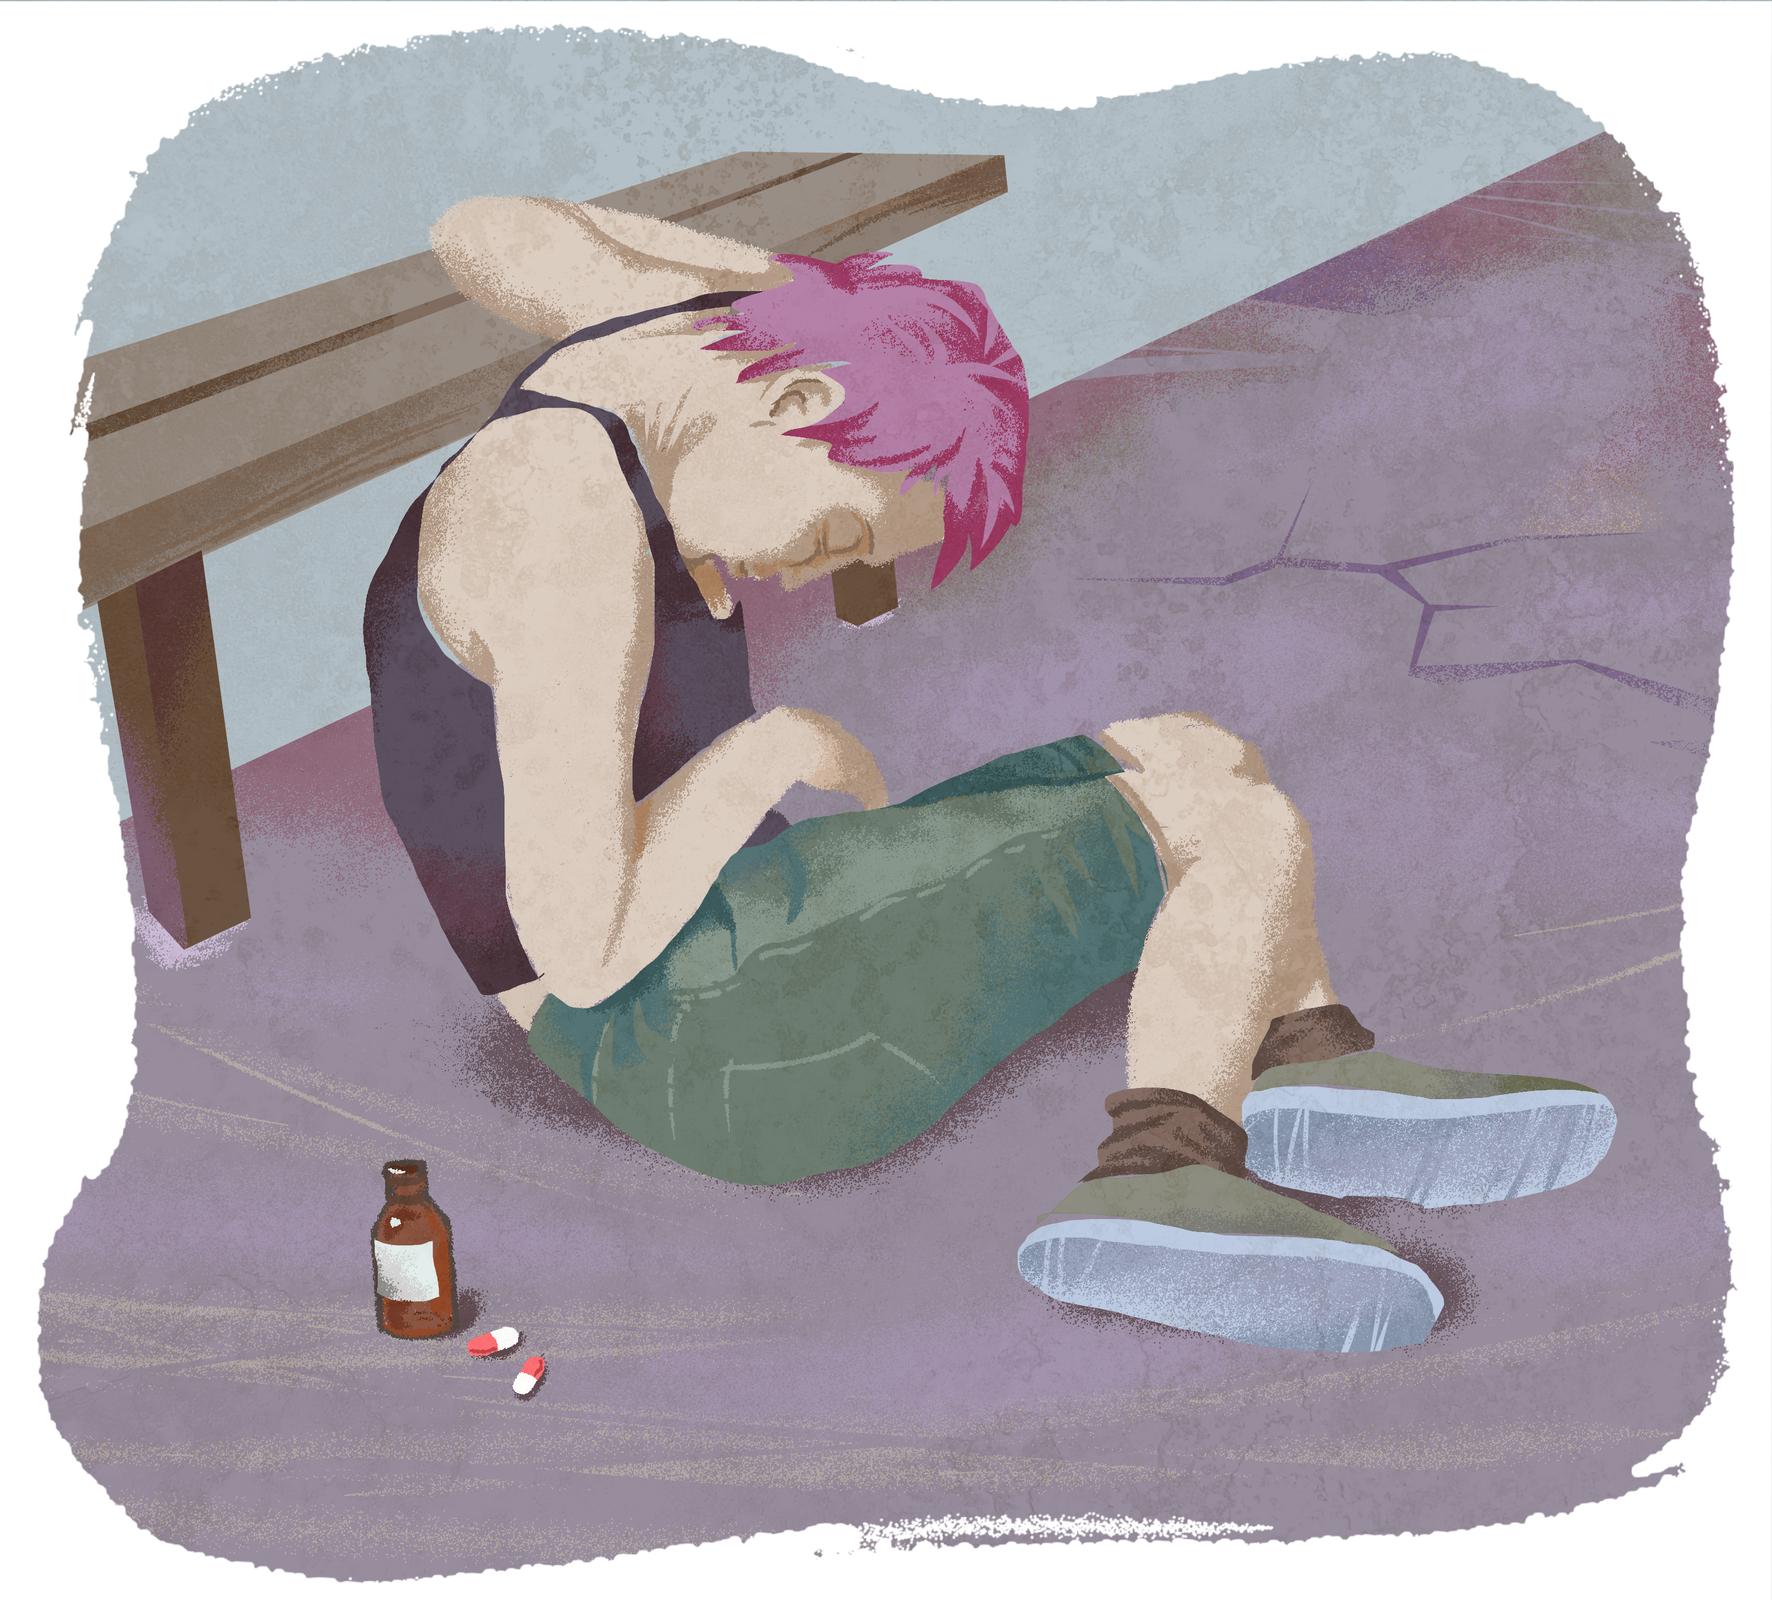 Na ziemi, wsparty jednym ramieniem oławkę, siedzi młody człowiek. Jest odwrócony tyłem. Ma fioletowe, krótkie włosy, granatową podkoszulkę izielone bermudy. Na stopach tenisówki. Głowa opuszczona, oczy zamknięte. Zlewej przy nim brązowa buteleczka idwie biało-czerwone kapsułki.